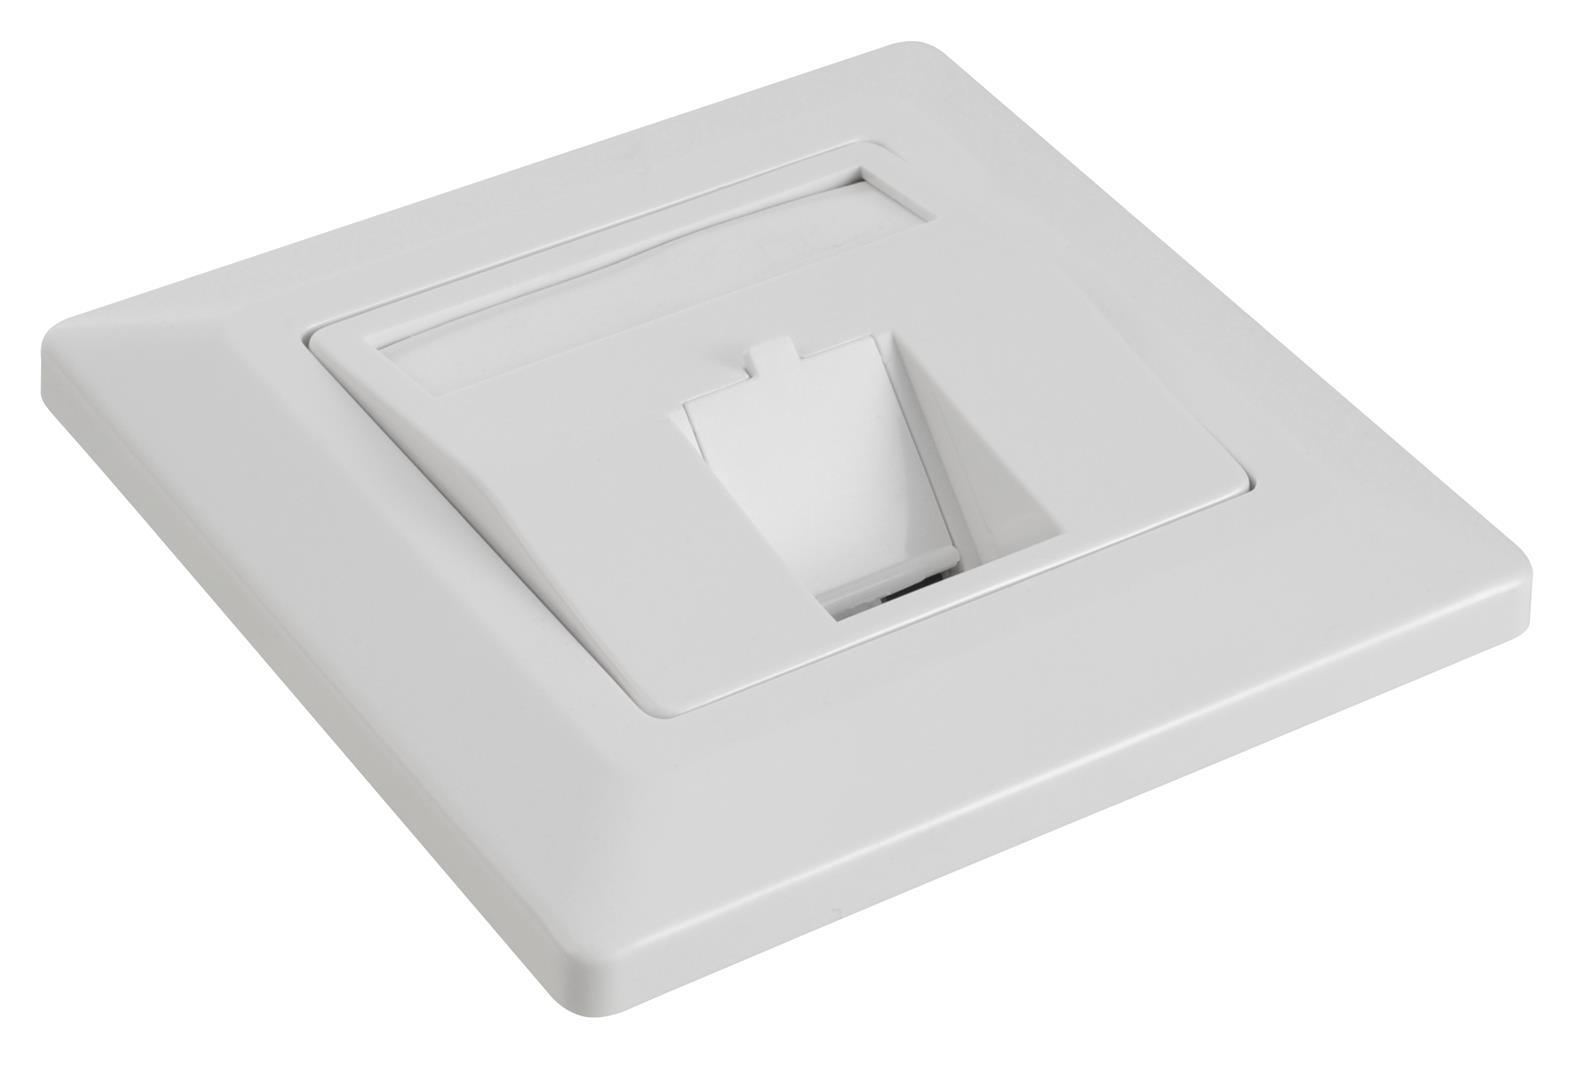 Zásuvka modulární Solarix pro 1 keystone - SX9-1-0-WH